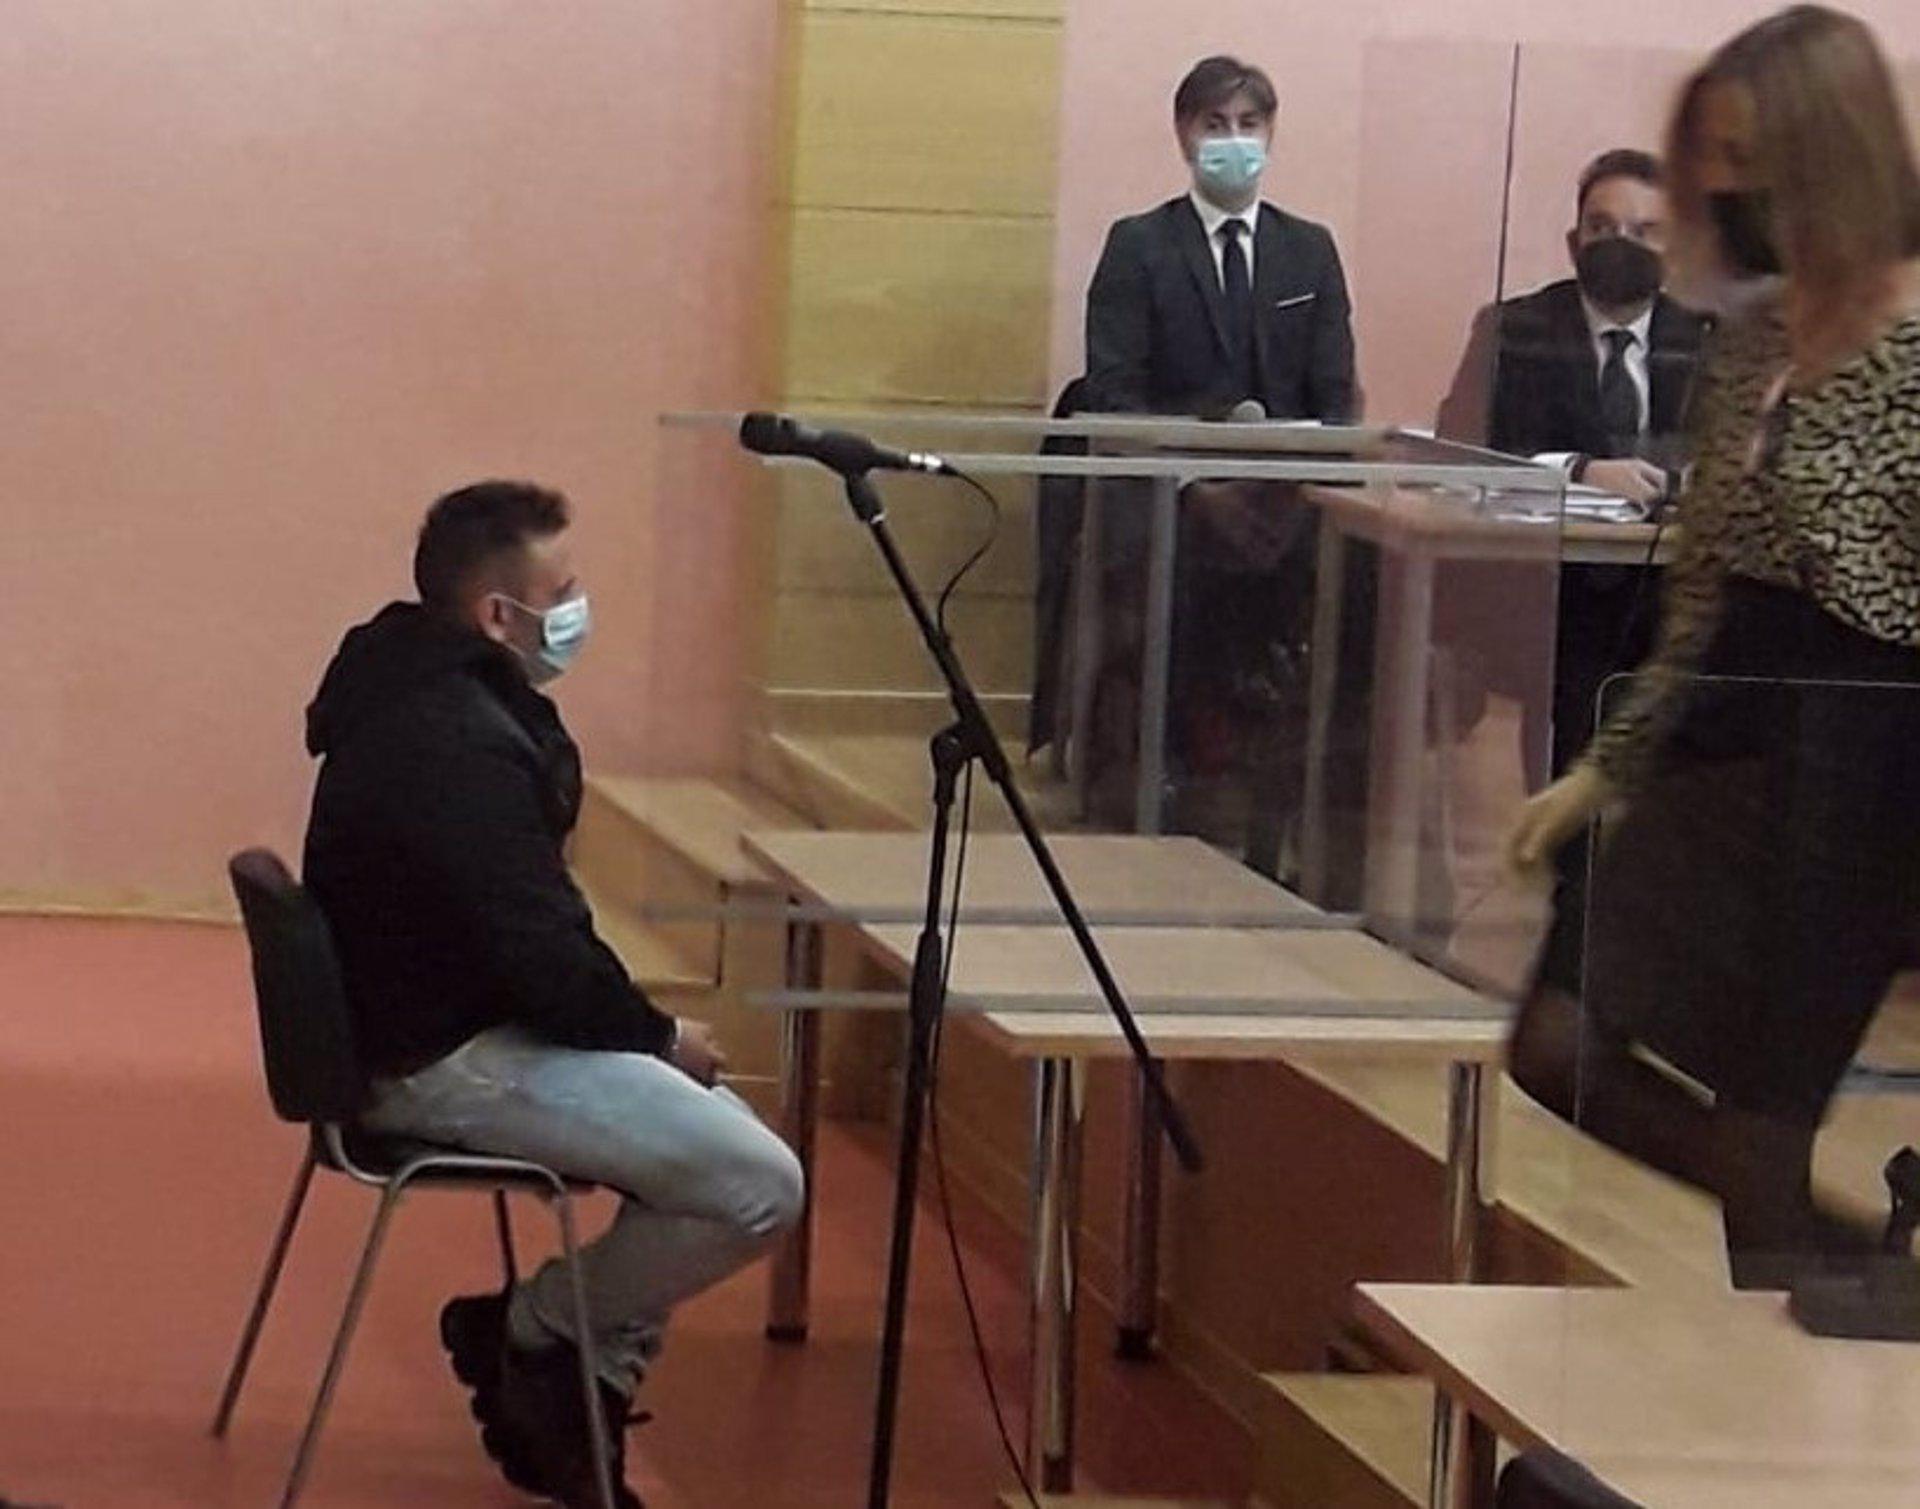 Jurado declara por unanimidad culpable al acusado de matar al agente Arcos tras confesar el crimen